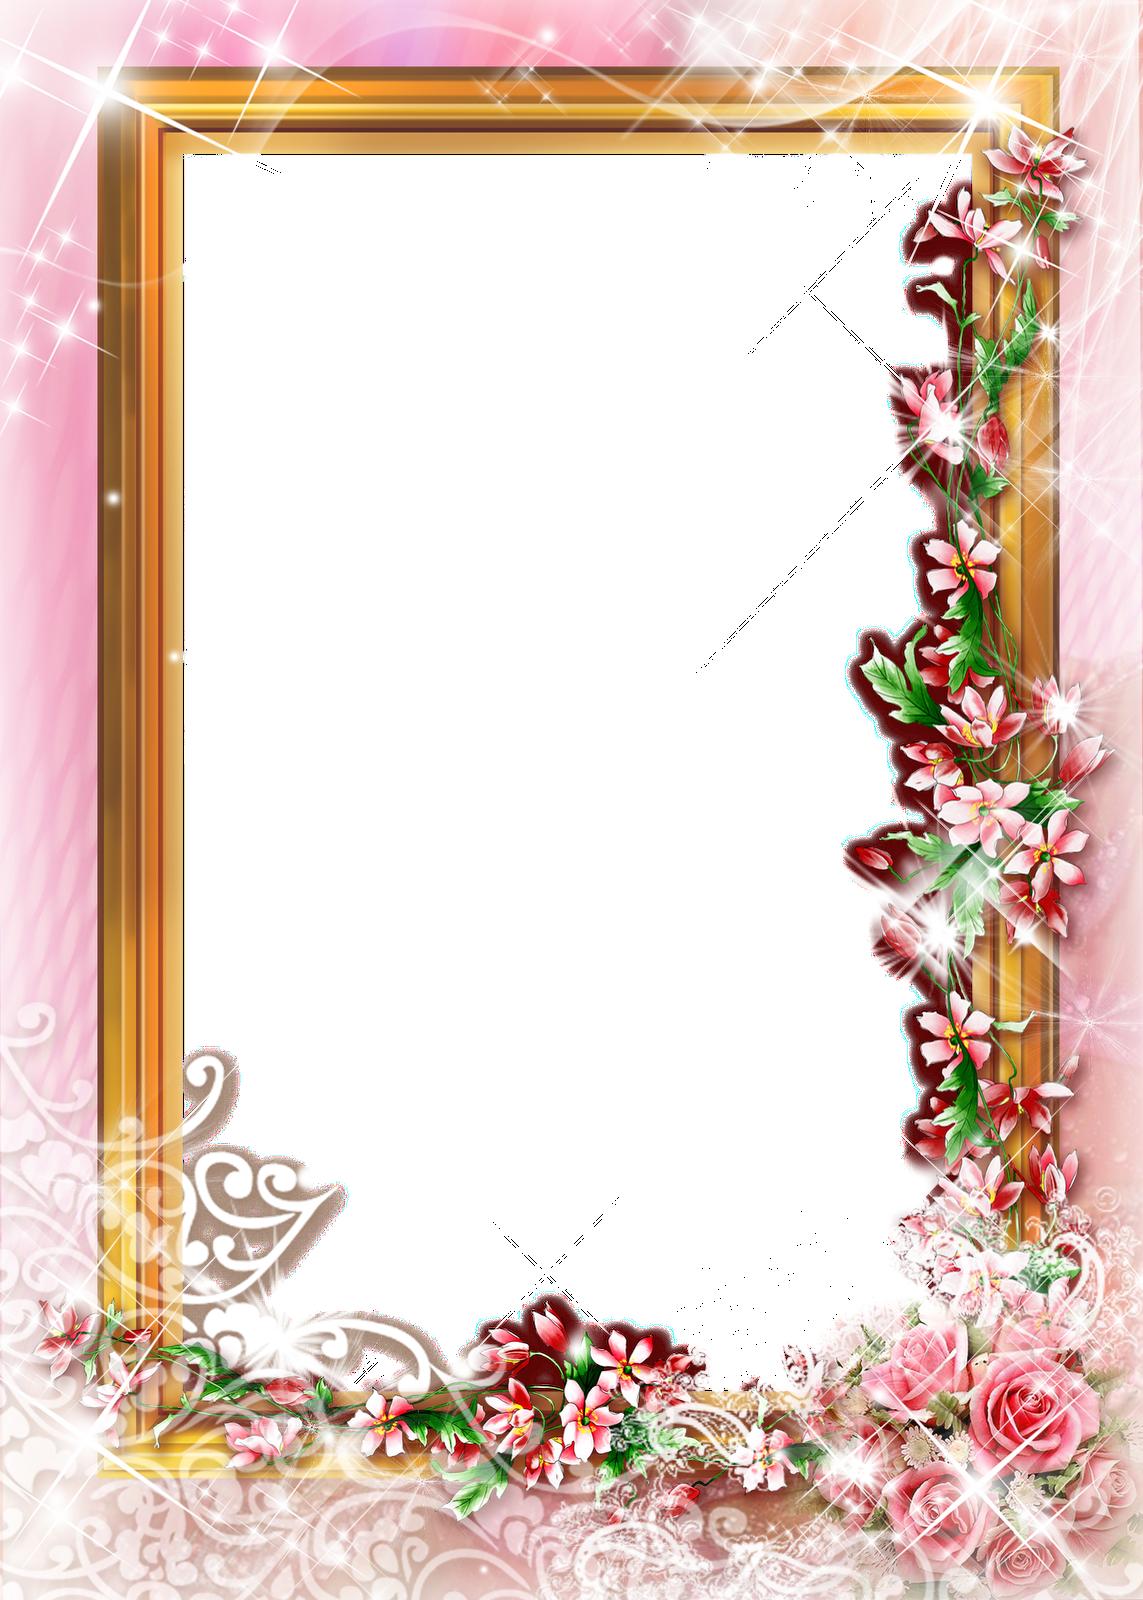 Marcospng fotos karenliz marcos de flores png - Marcos de fotos pared ...